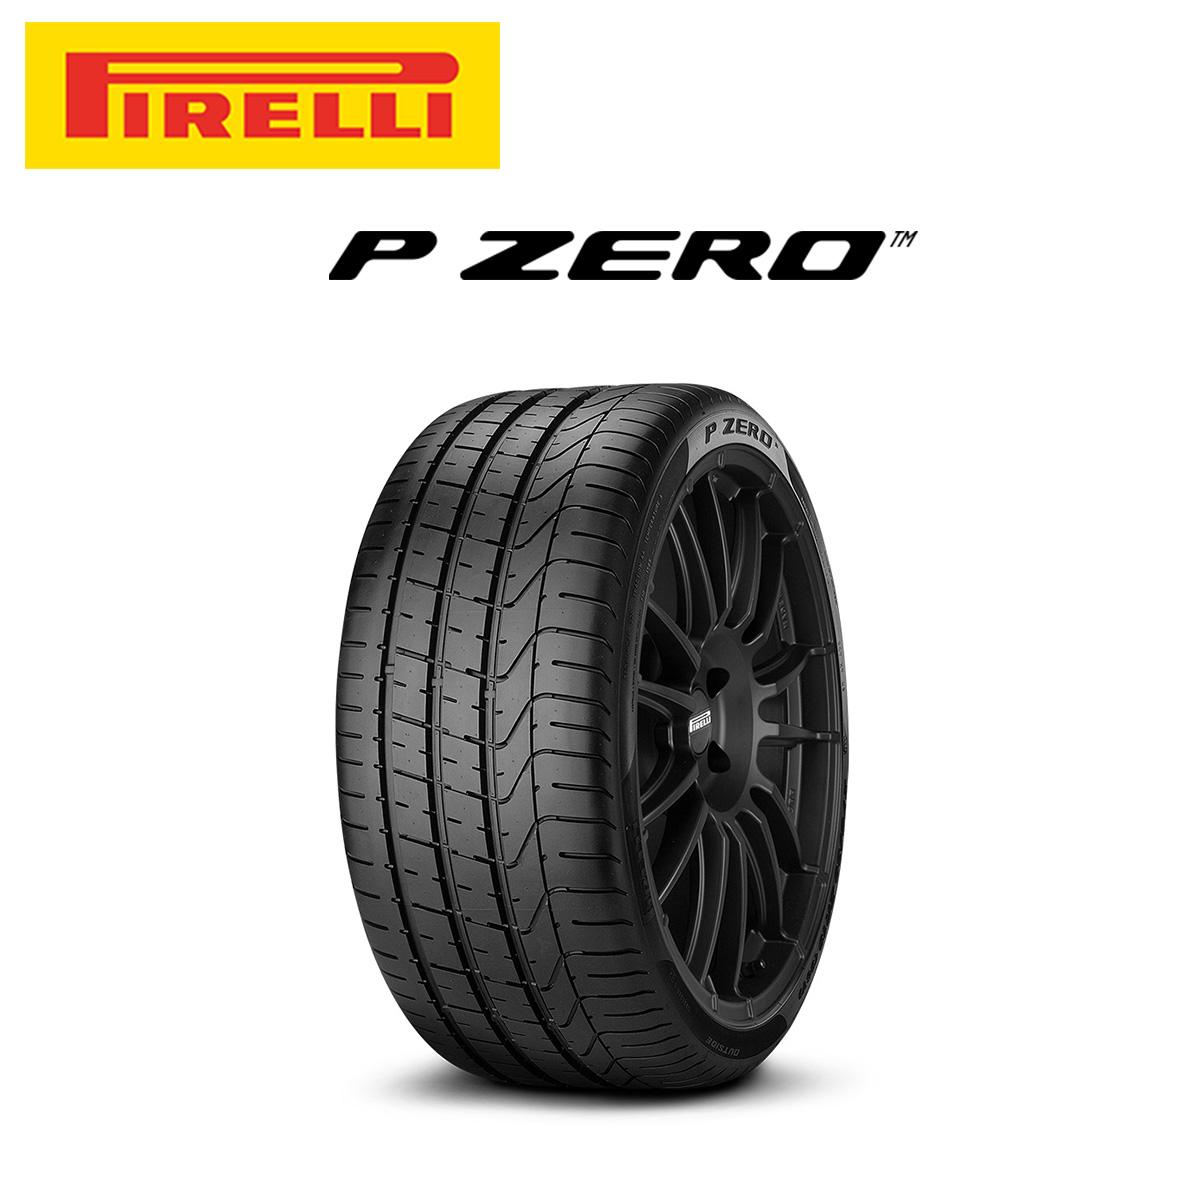 ピレリ PIRELLI P ZERO ピーゼロ 22インチ サマー タイヤ 1本 265/40R22 106Y XL J:ジャガー LR:ランドローバー承認タイヤ 2544700